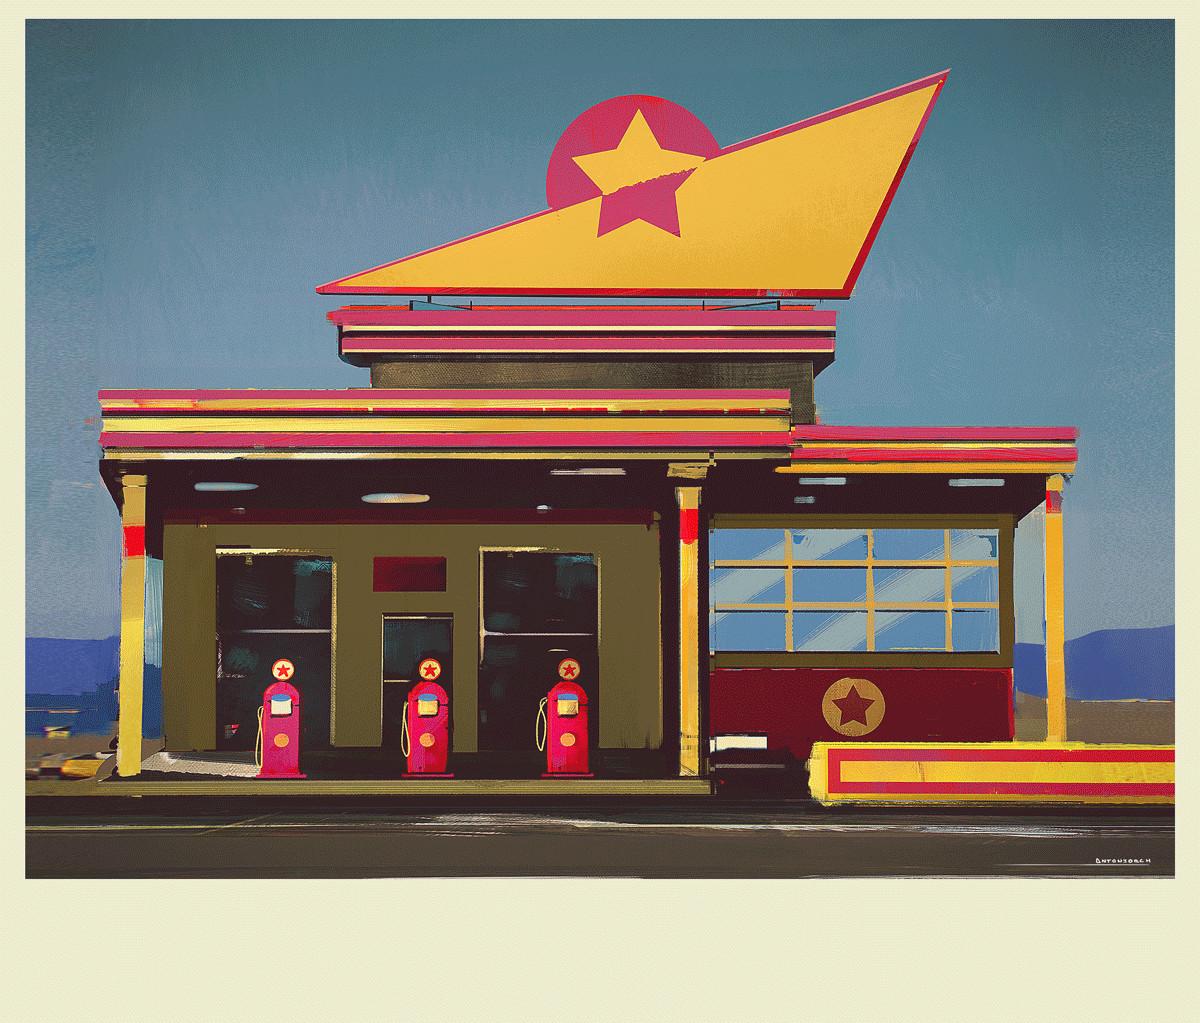 Jorge gonzalez gas station sketch